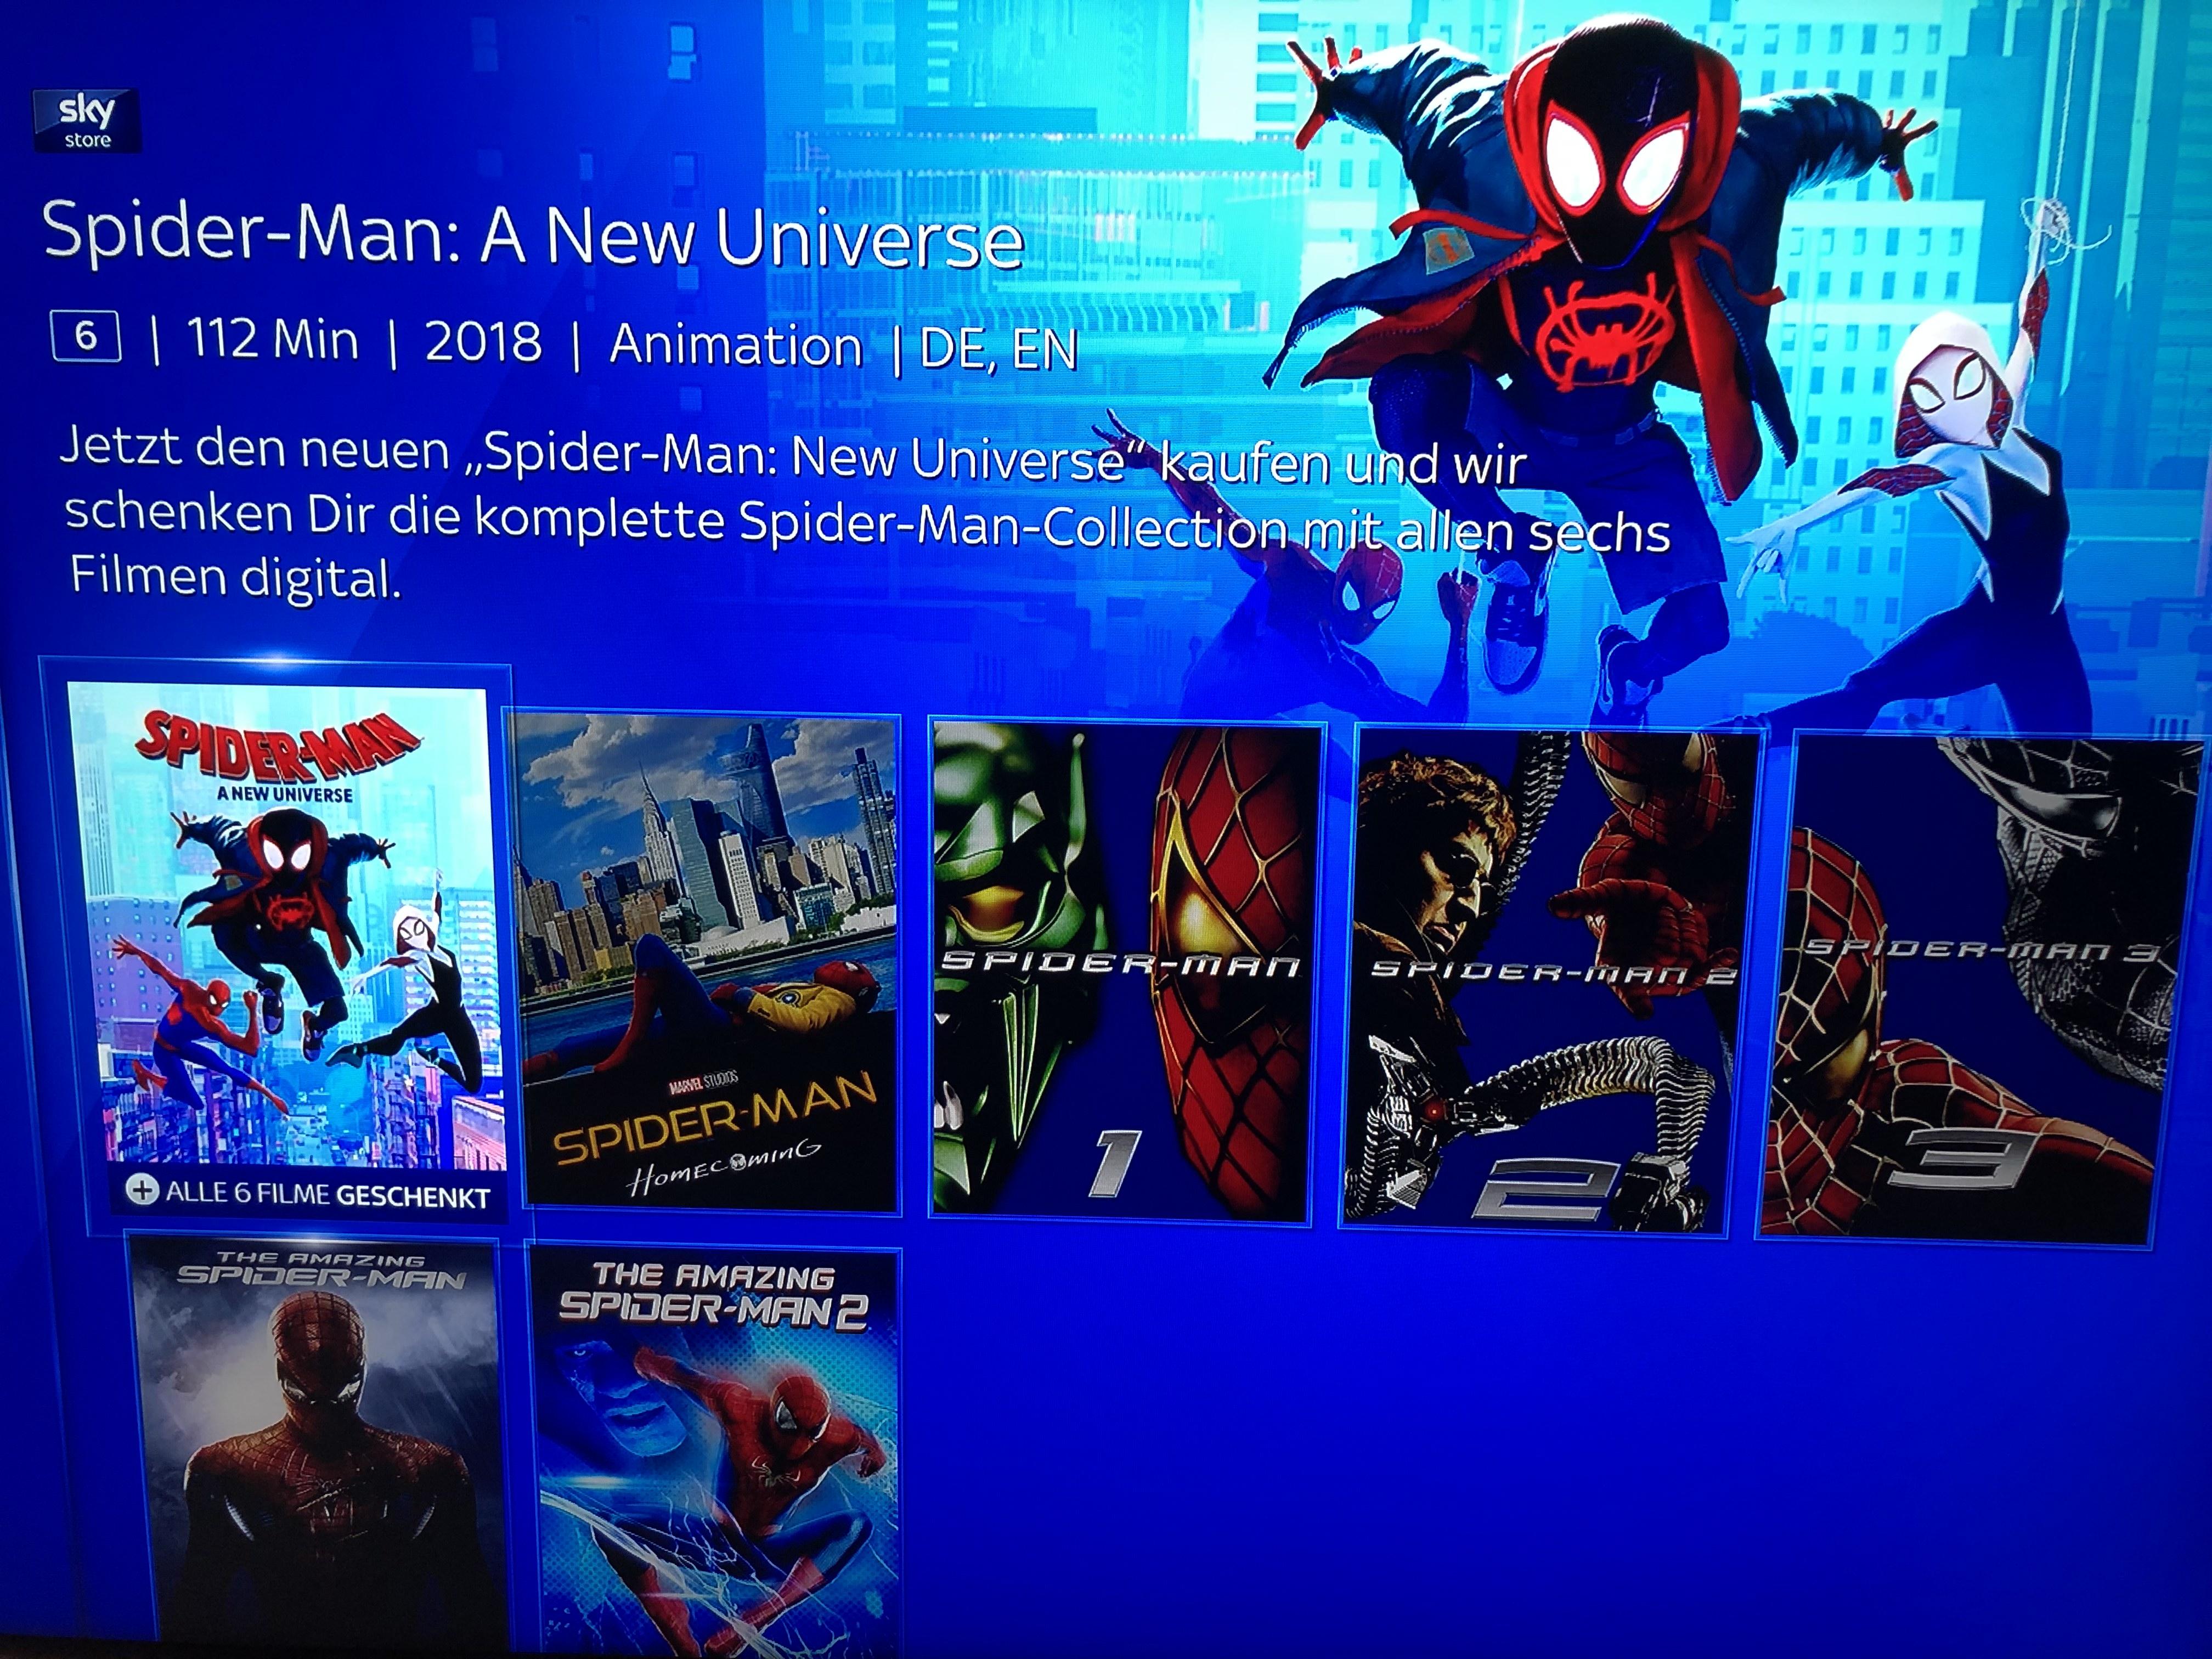 Sky Store: Spider Man: A New Universe kaufen, komplette Spider Man Collection 6 Filme Digital kostenlos erhalten